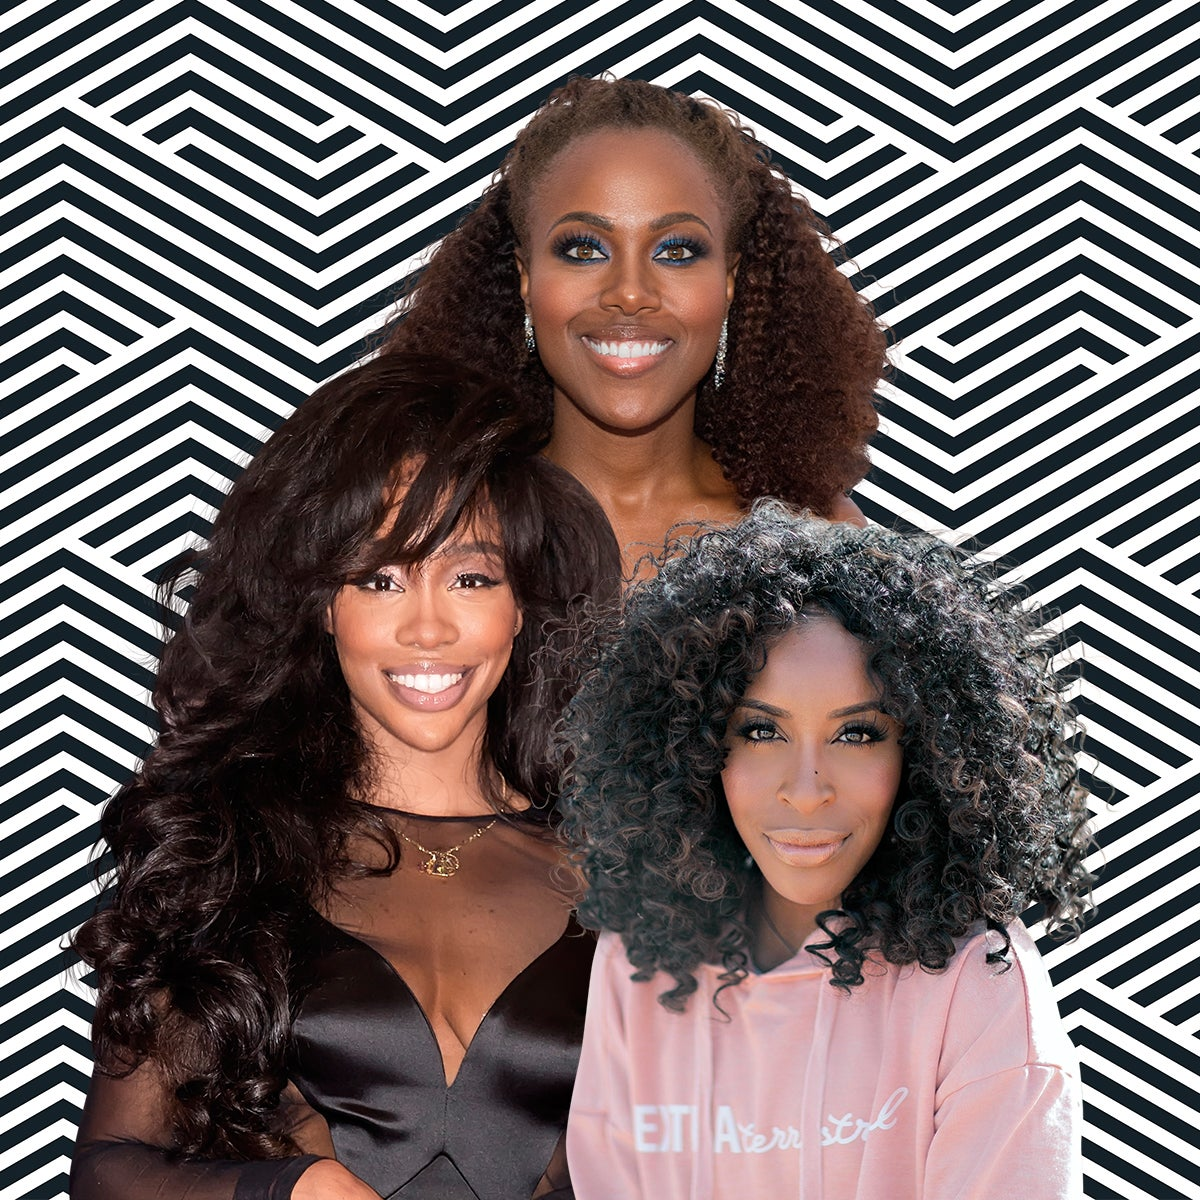 ESSENCE's Best in Black Beauty 2018: Black Women